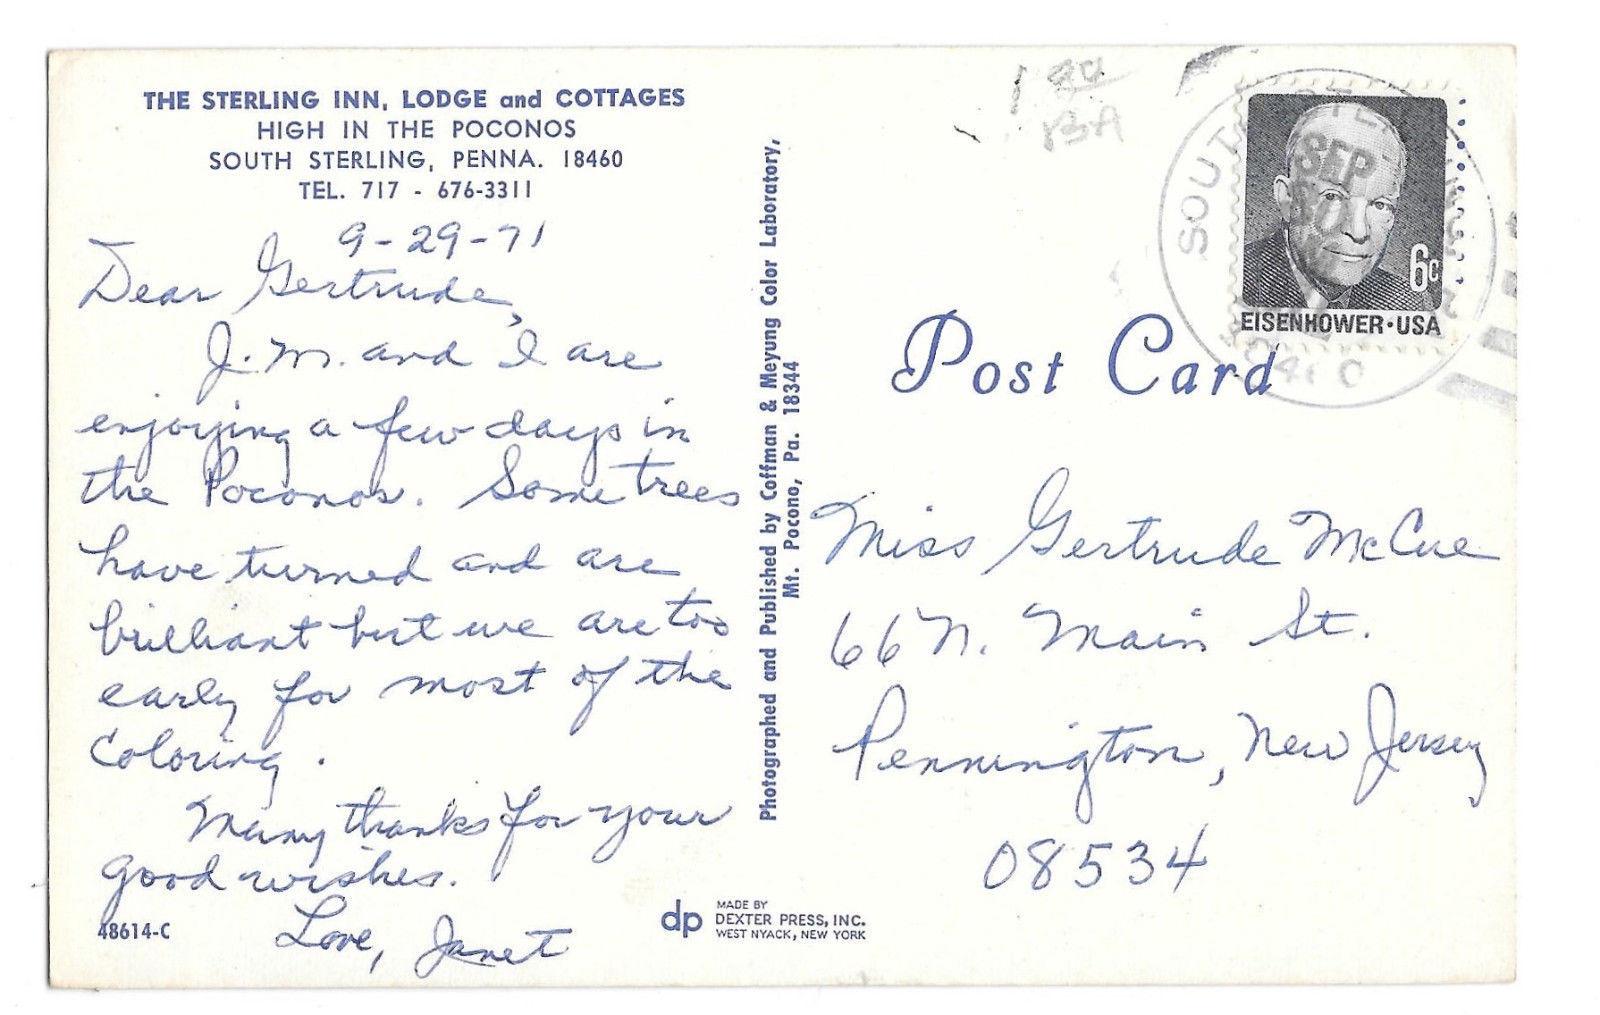 PA Sterling Inn Lodge Cottages South Sterling Poconos Vtg 1971 Postcard